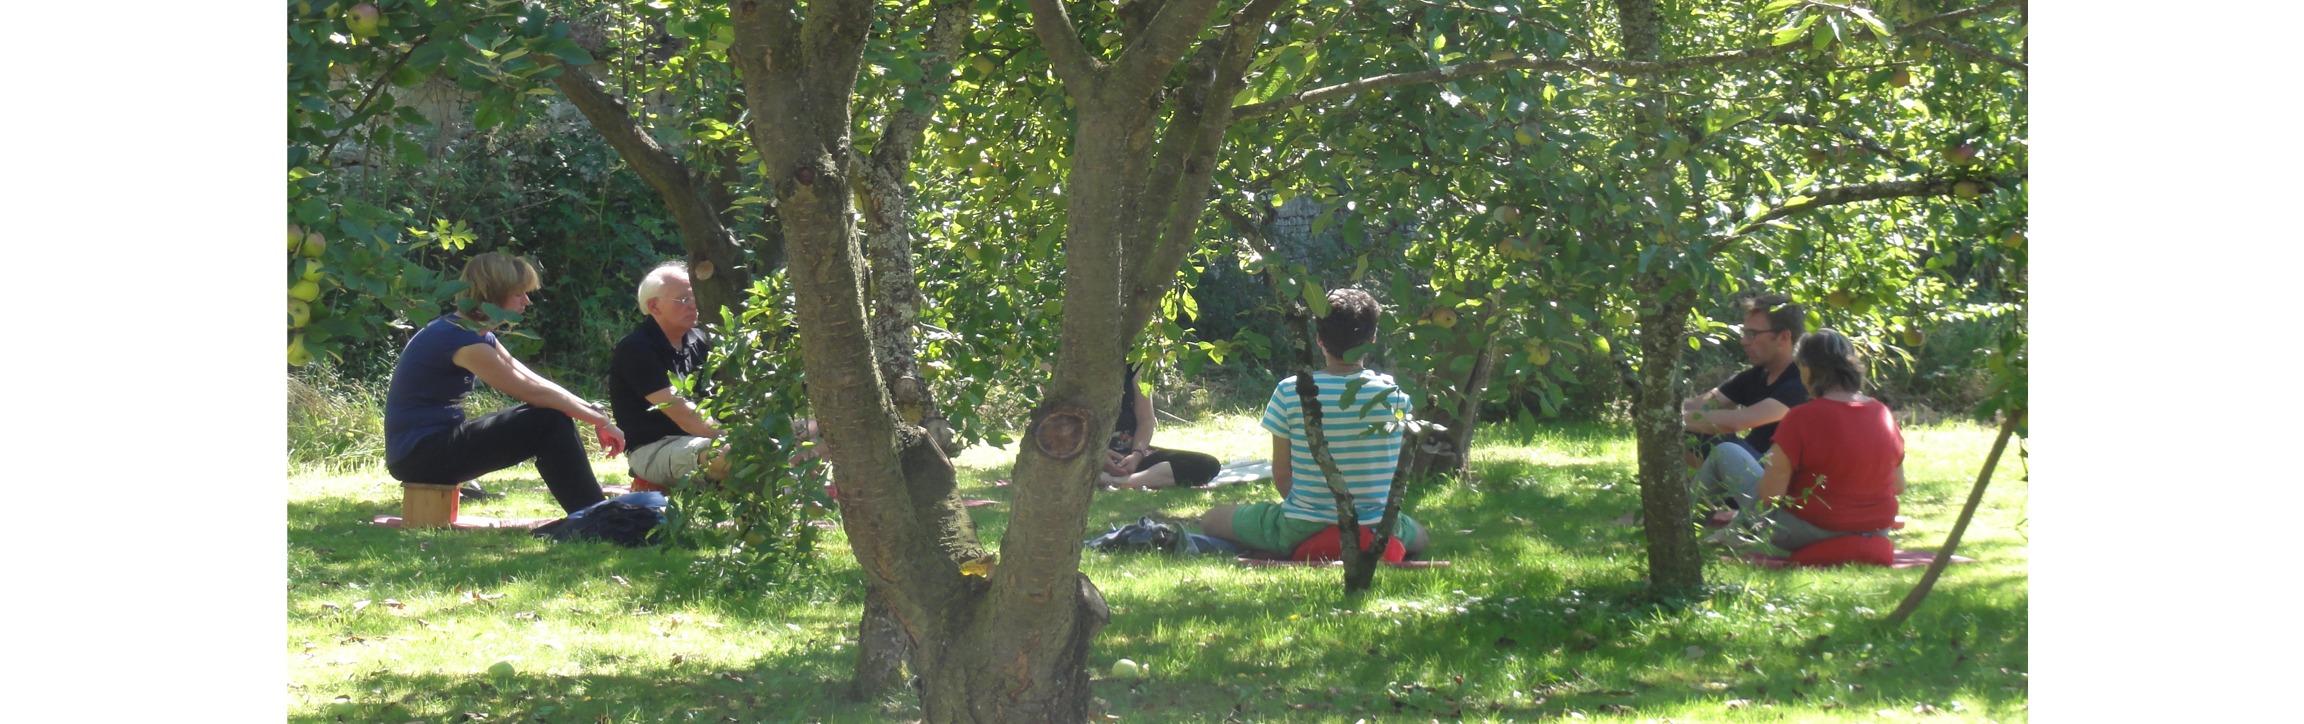 groepje mensen mediteerd tussen de bomen